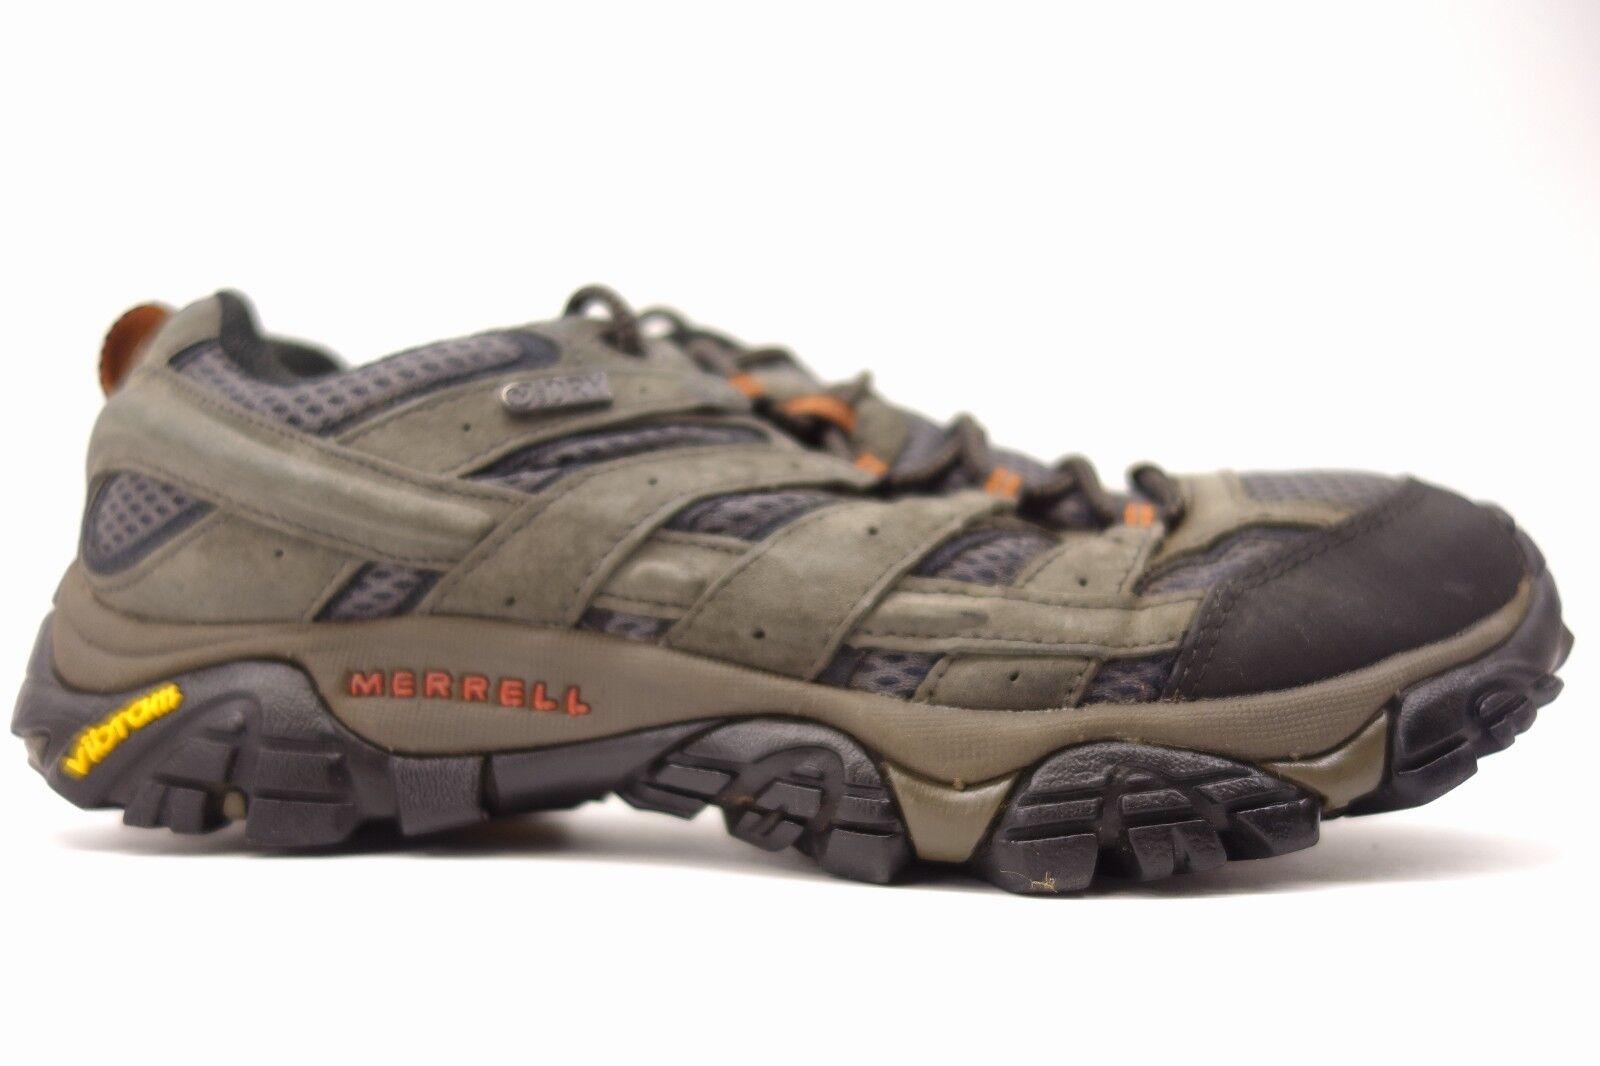 24e3f8d635001a Merrell s Moab 2 Basse Imperméable Athletic Athletic Athletic Soutien Ran  ée Chaussures | Qualité Et ...